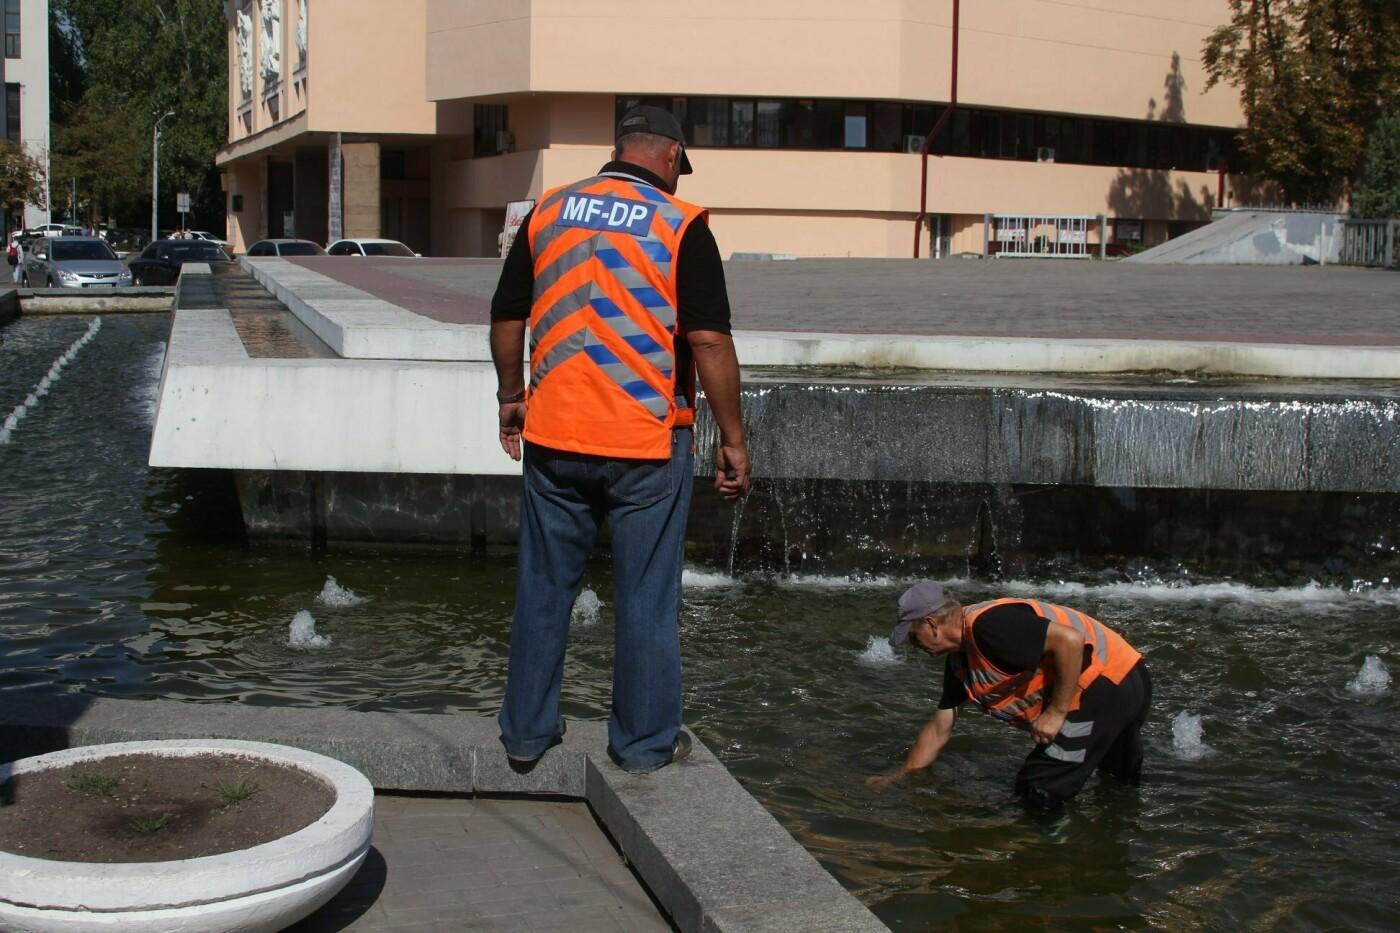 Фонтаны в Днепре: как дорого обходятся городу и в чем их главная проблема, фото-4